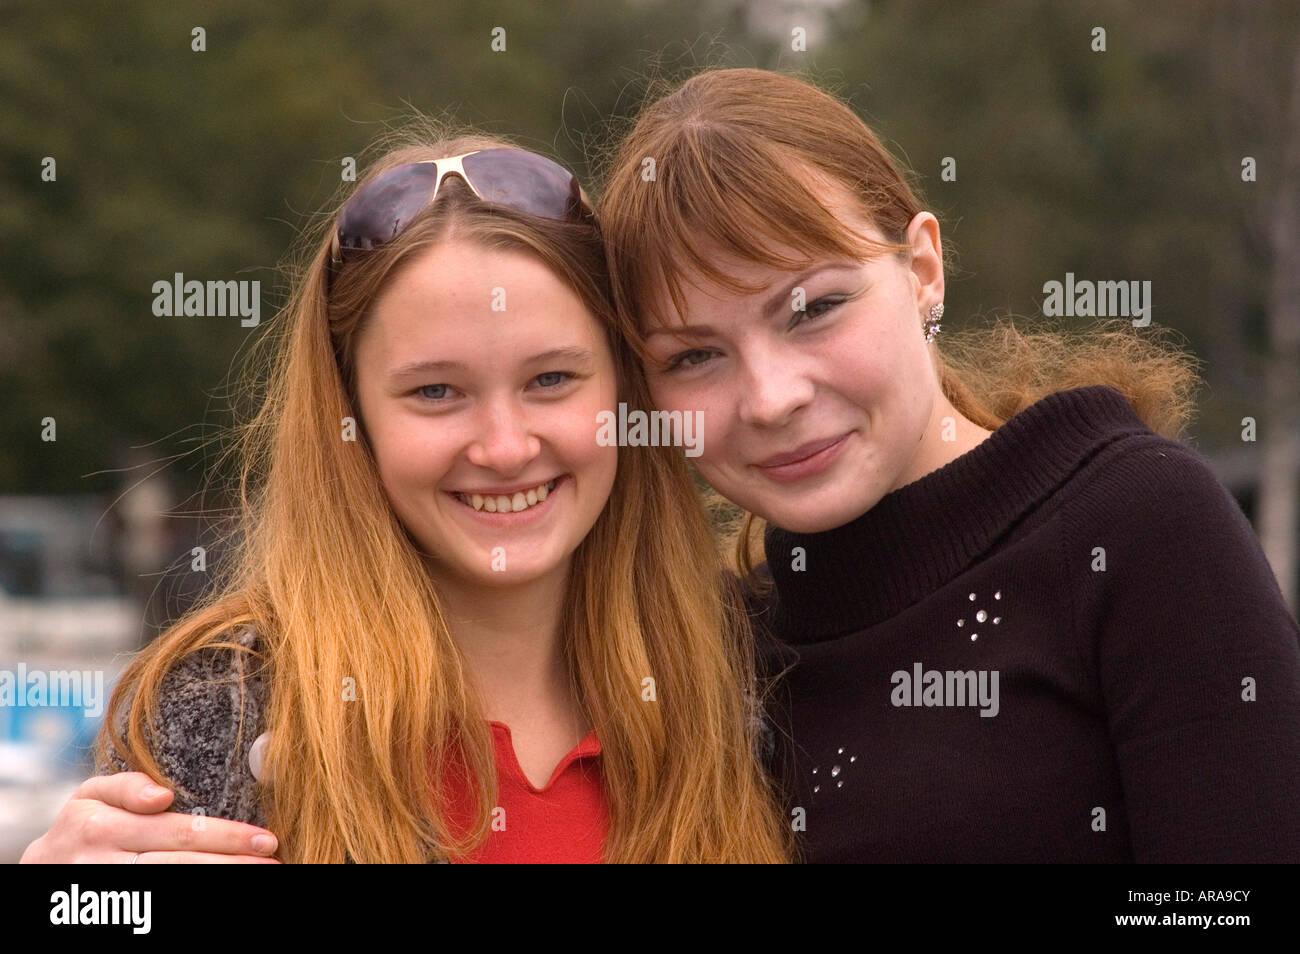 Russische frauen bilder Neue Frauen,